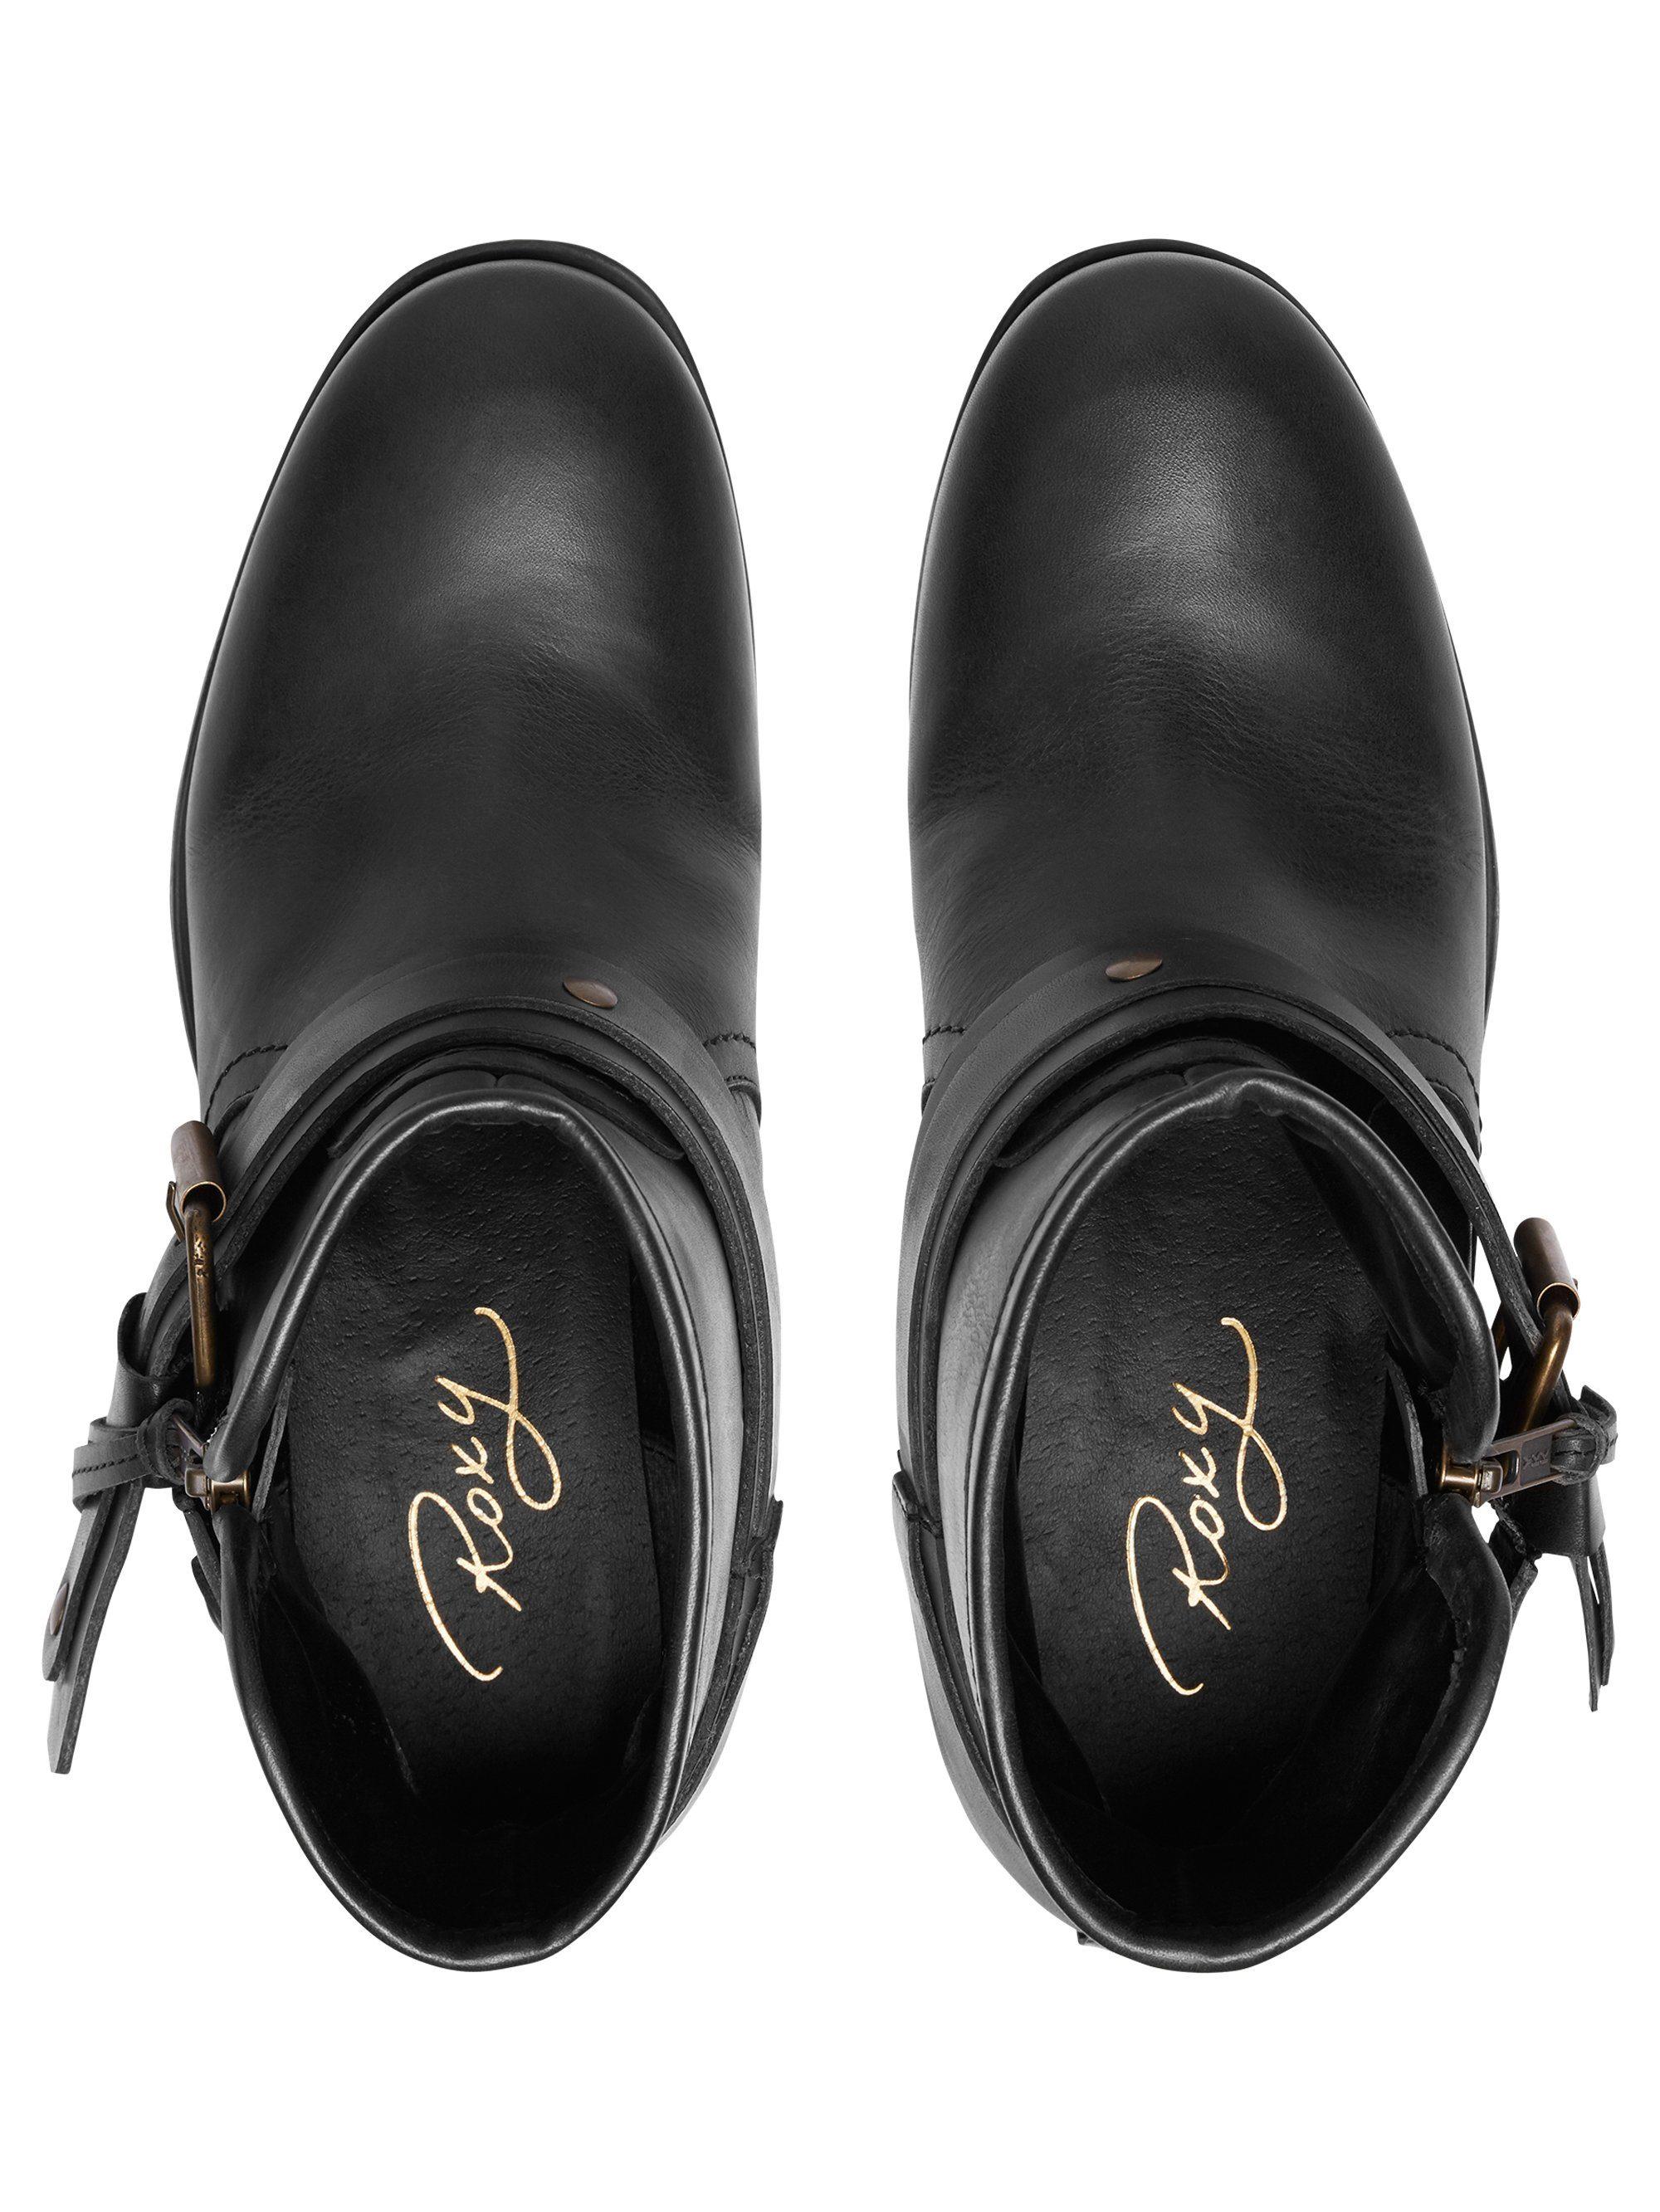 Roxy Castell - Chaussure Pour Les Femmes - Noir ajN3G